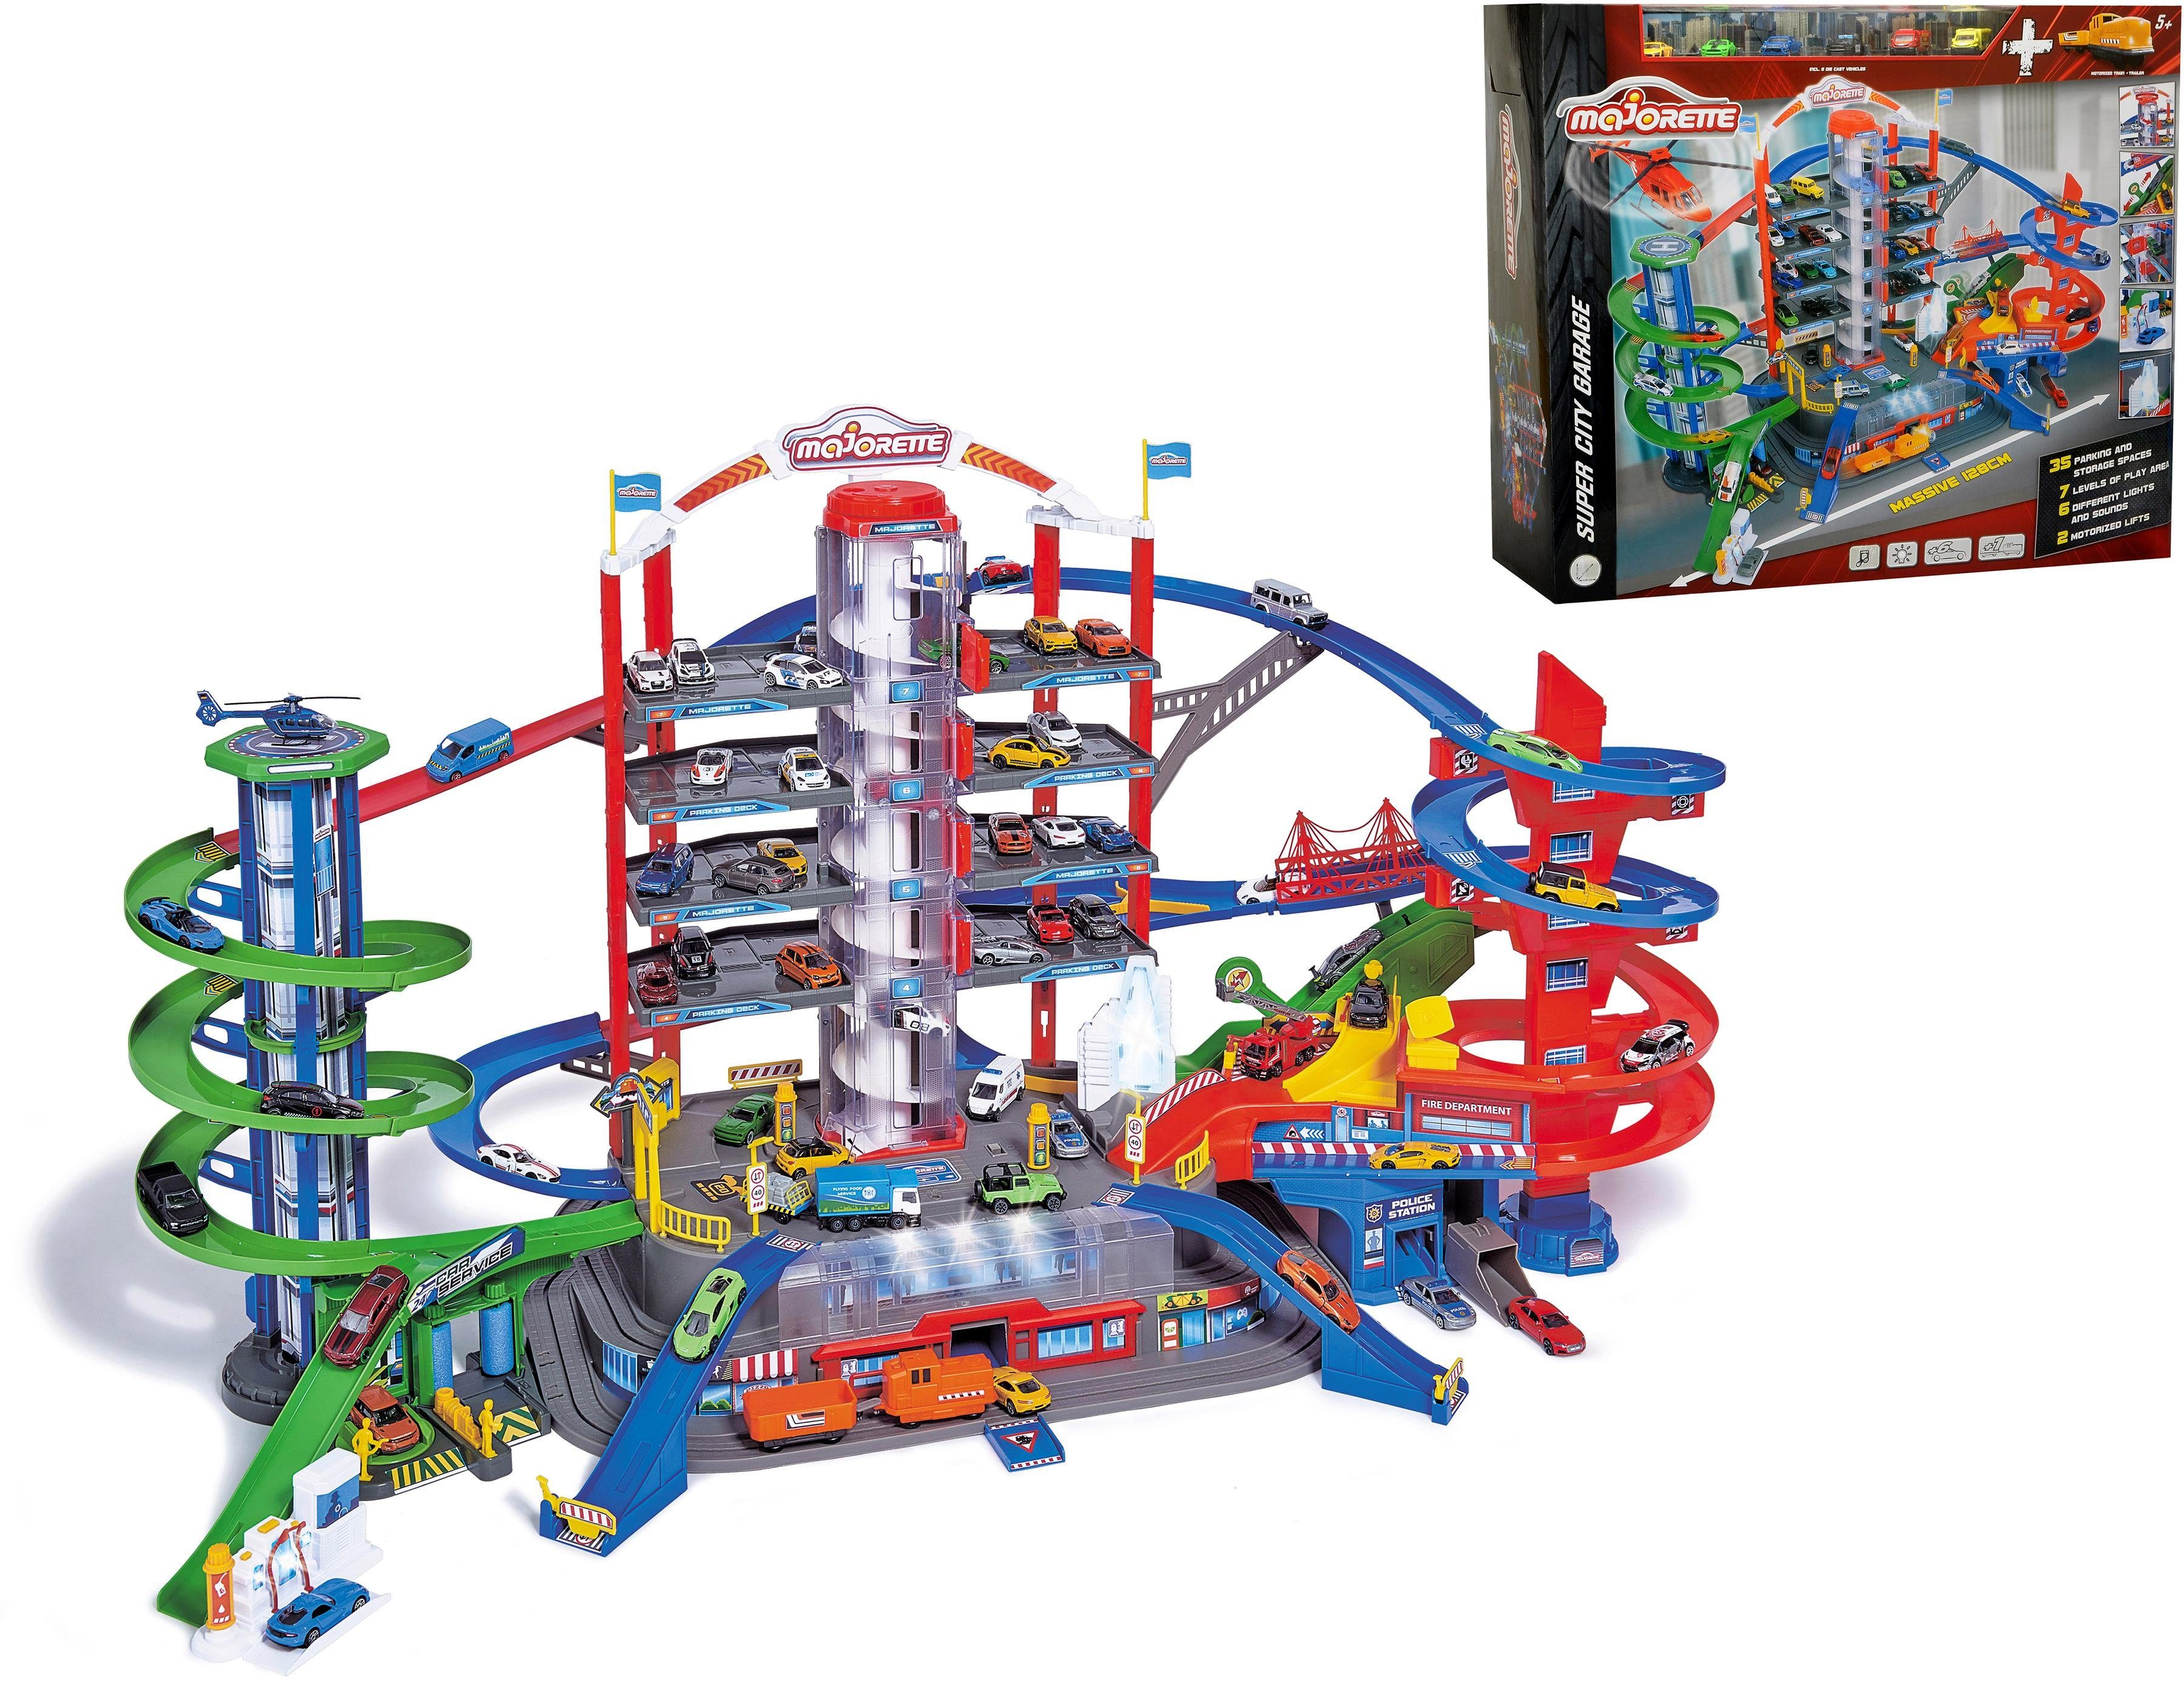 """Dickie Toys Spiel-Parkgarage """"Super City Garage"""" Technik & Freizeit/Spielzeug/Autos, Eisenbahn & Modellbau/Spielzeugautos/Zubehör für Spielzeugautos"""